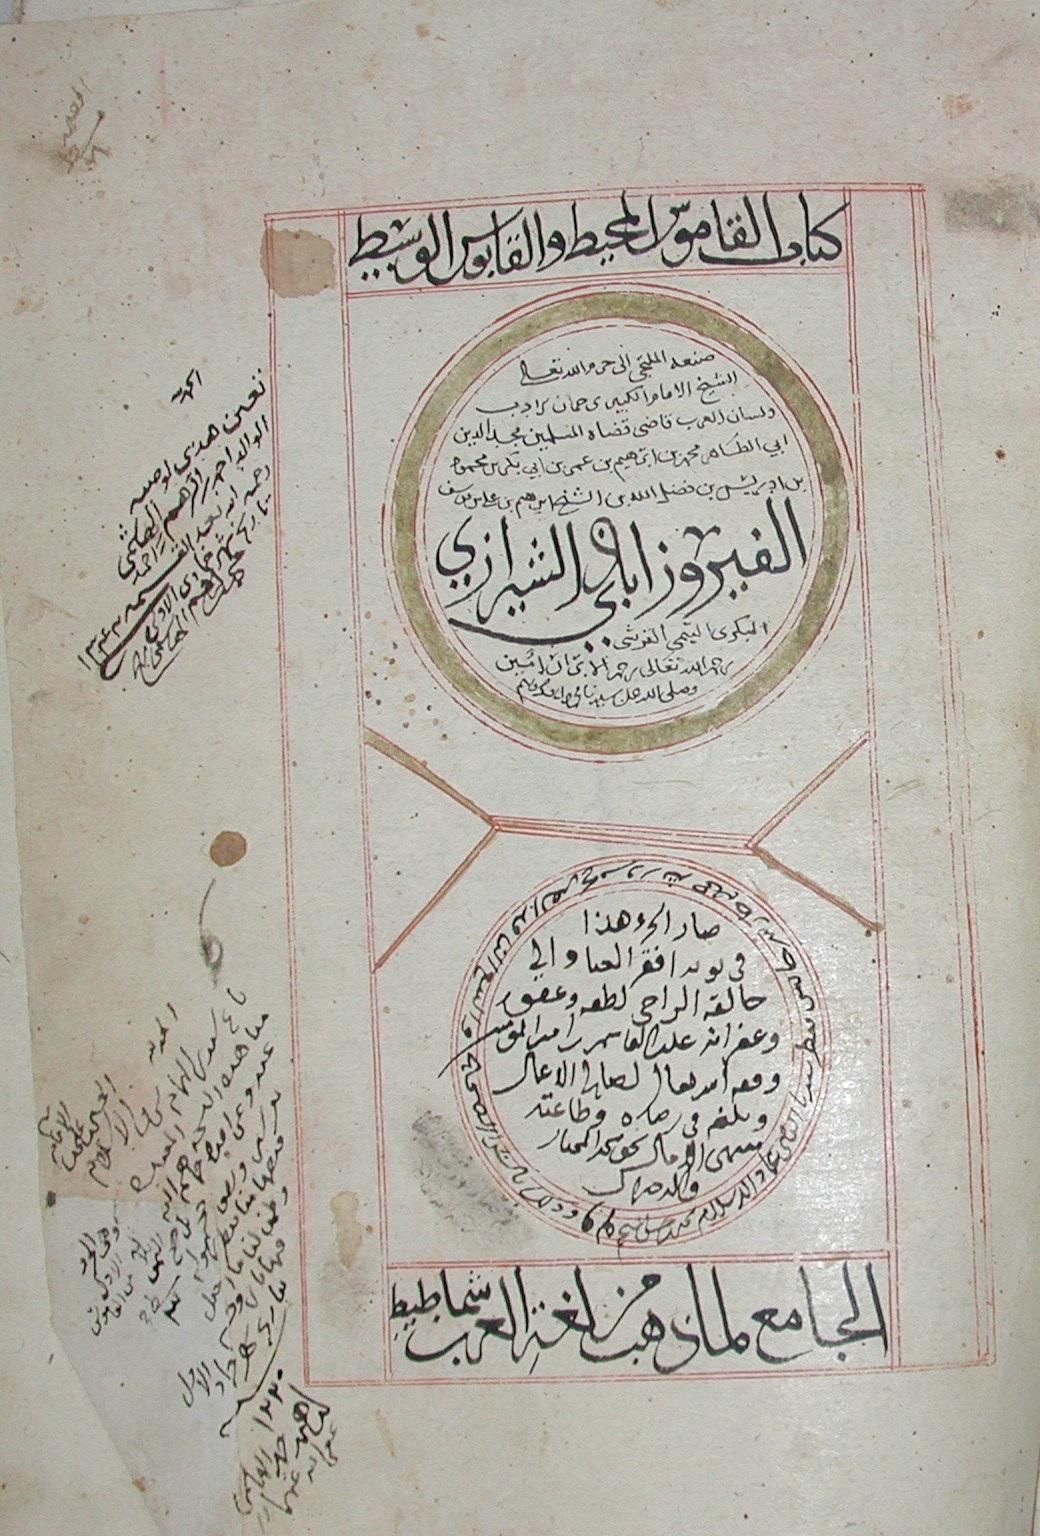 ج1 من القاموس المحيط والقابوس الوسيط الجامع لما ذهب من كلام العرب الشماطيط